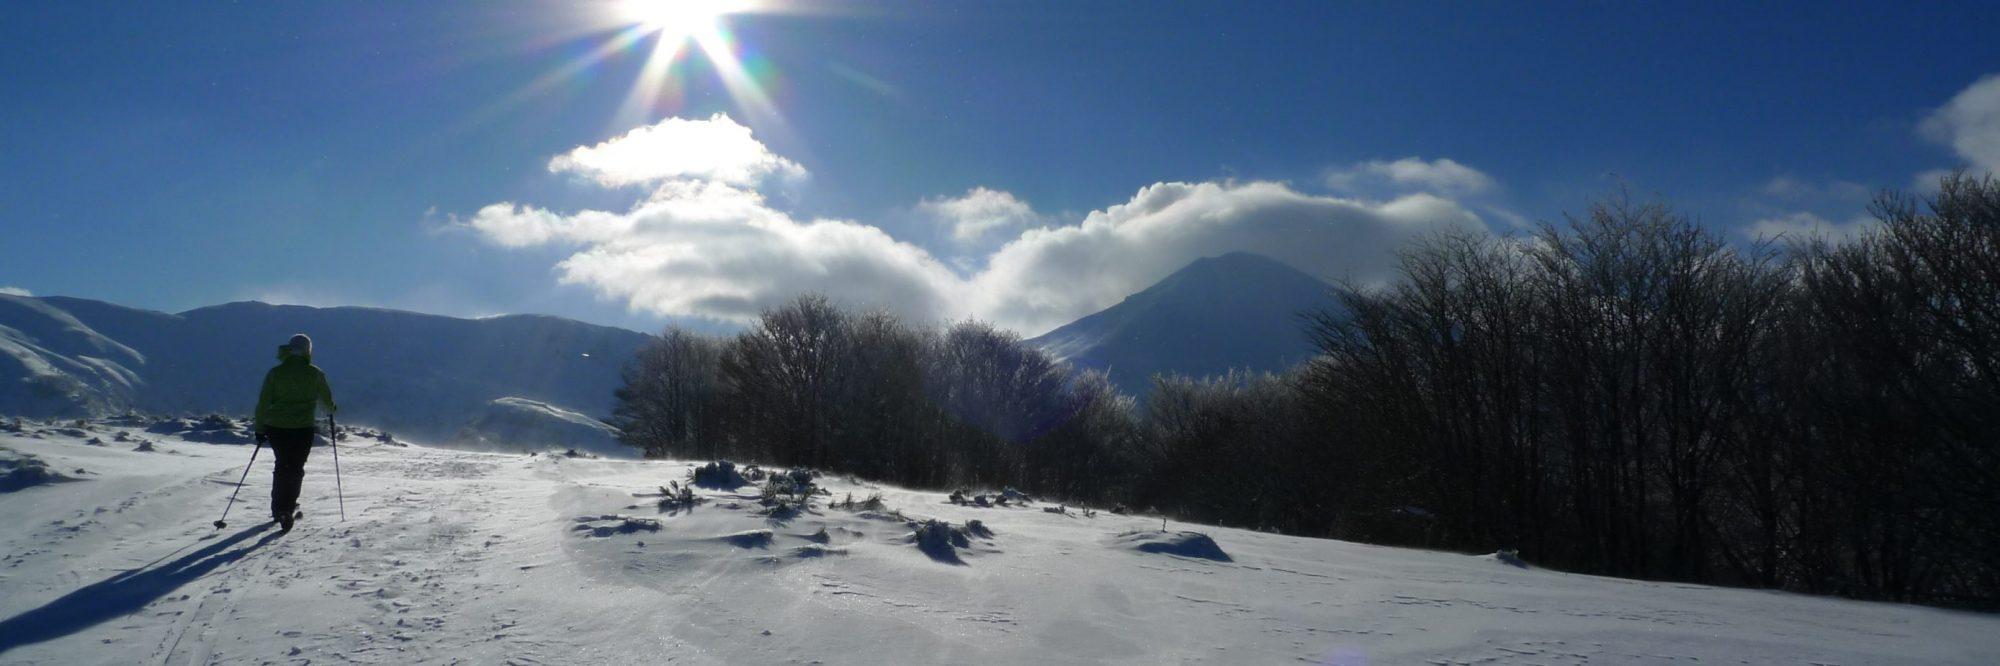 Randonnée nordique au Col de Serre. Photo ©Alta Terra